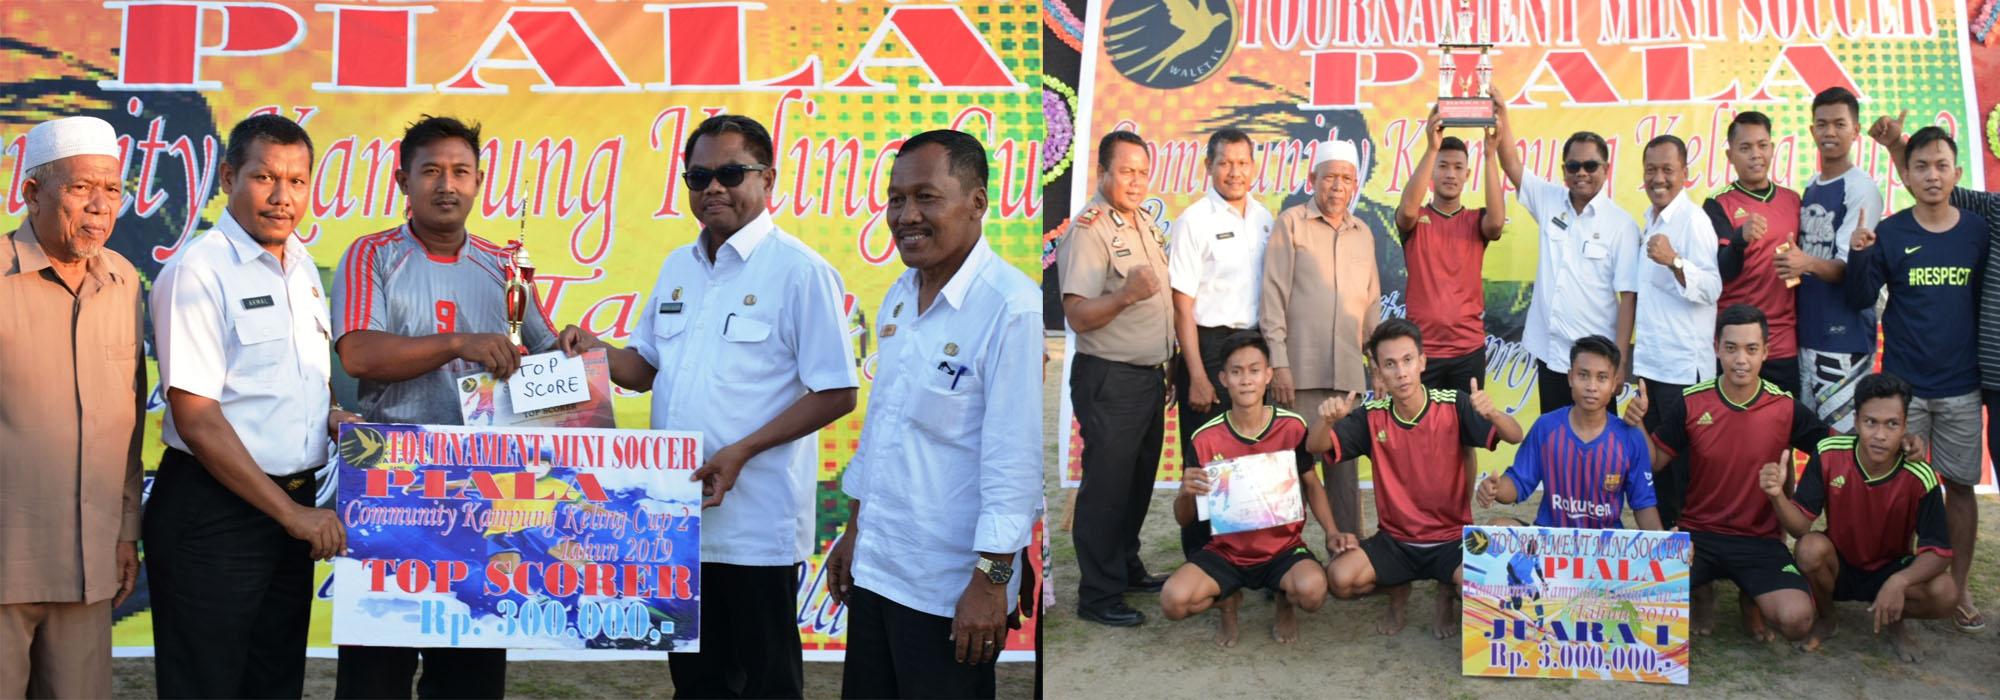 Kadis Kominfo Dampimgi Wabup Sergai Tutup Turnamen Kampung Keling Cup II